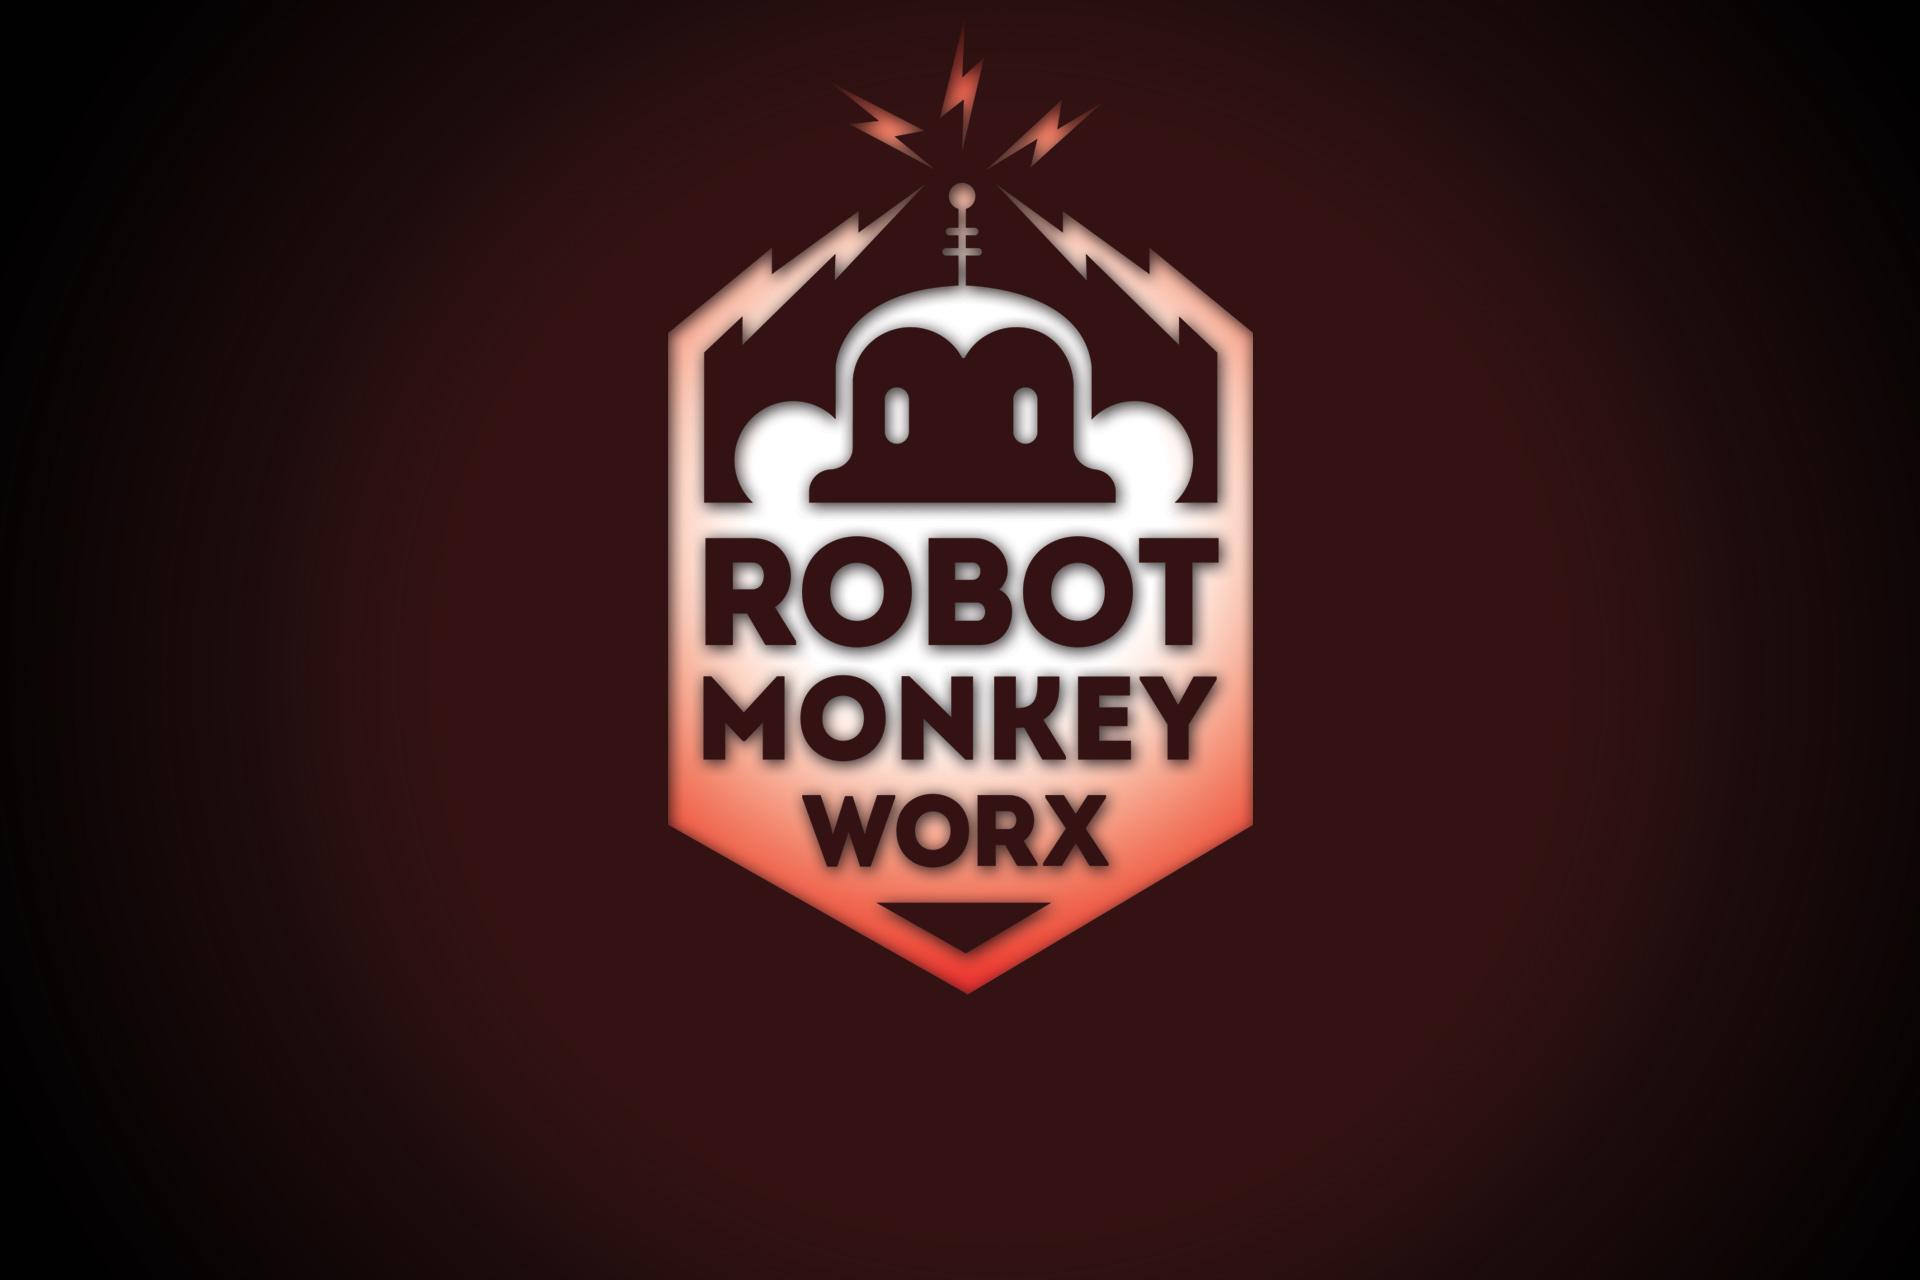 Robot Monkey Worx logo